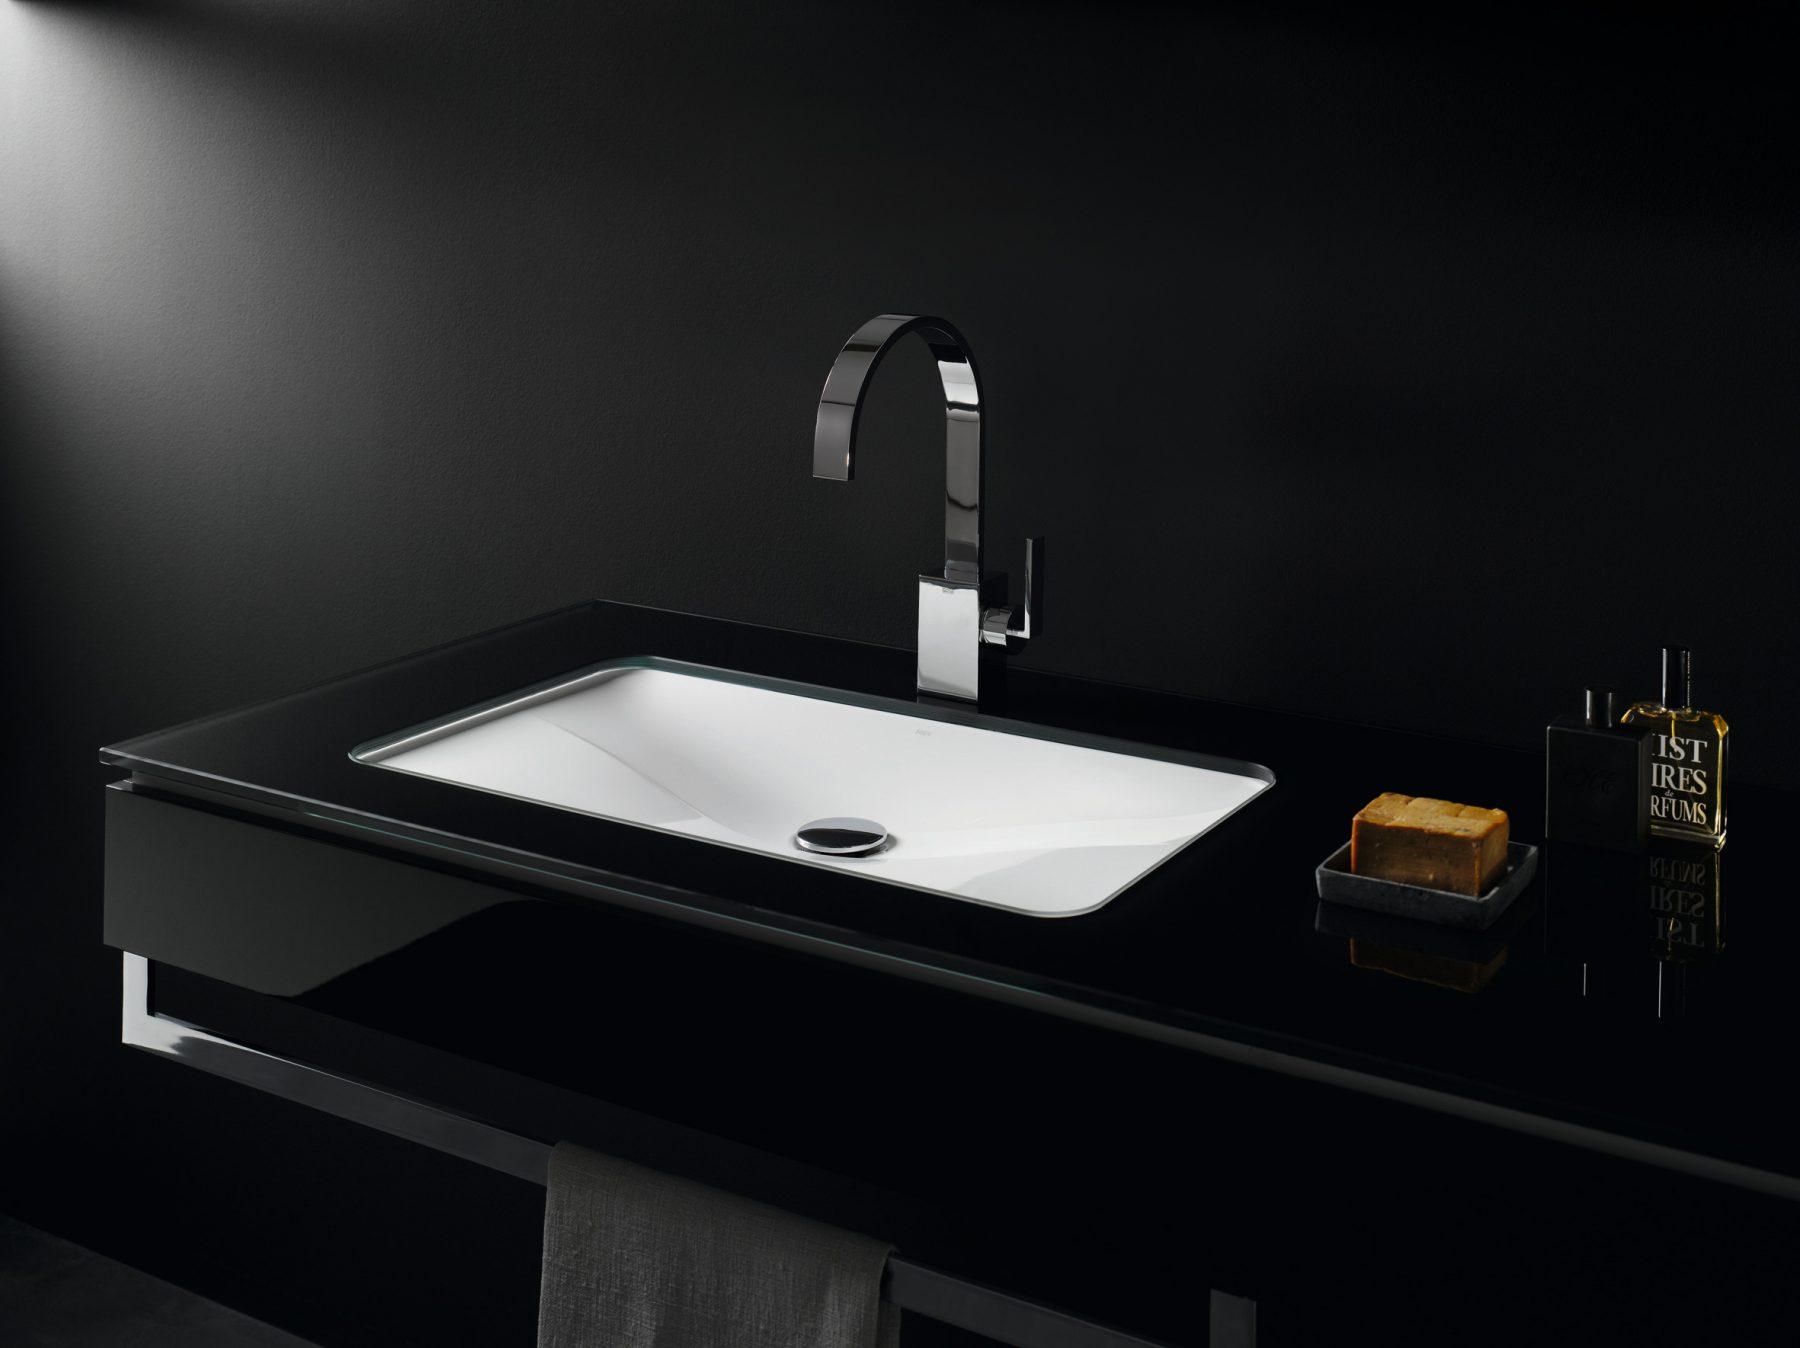 lavabosvasquesaencastrerpardessousalapetangensjpg